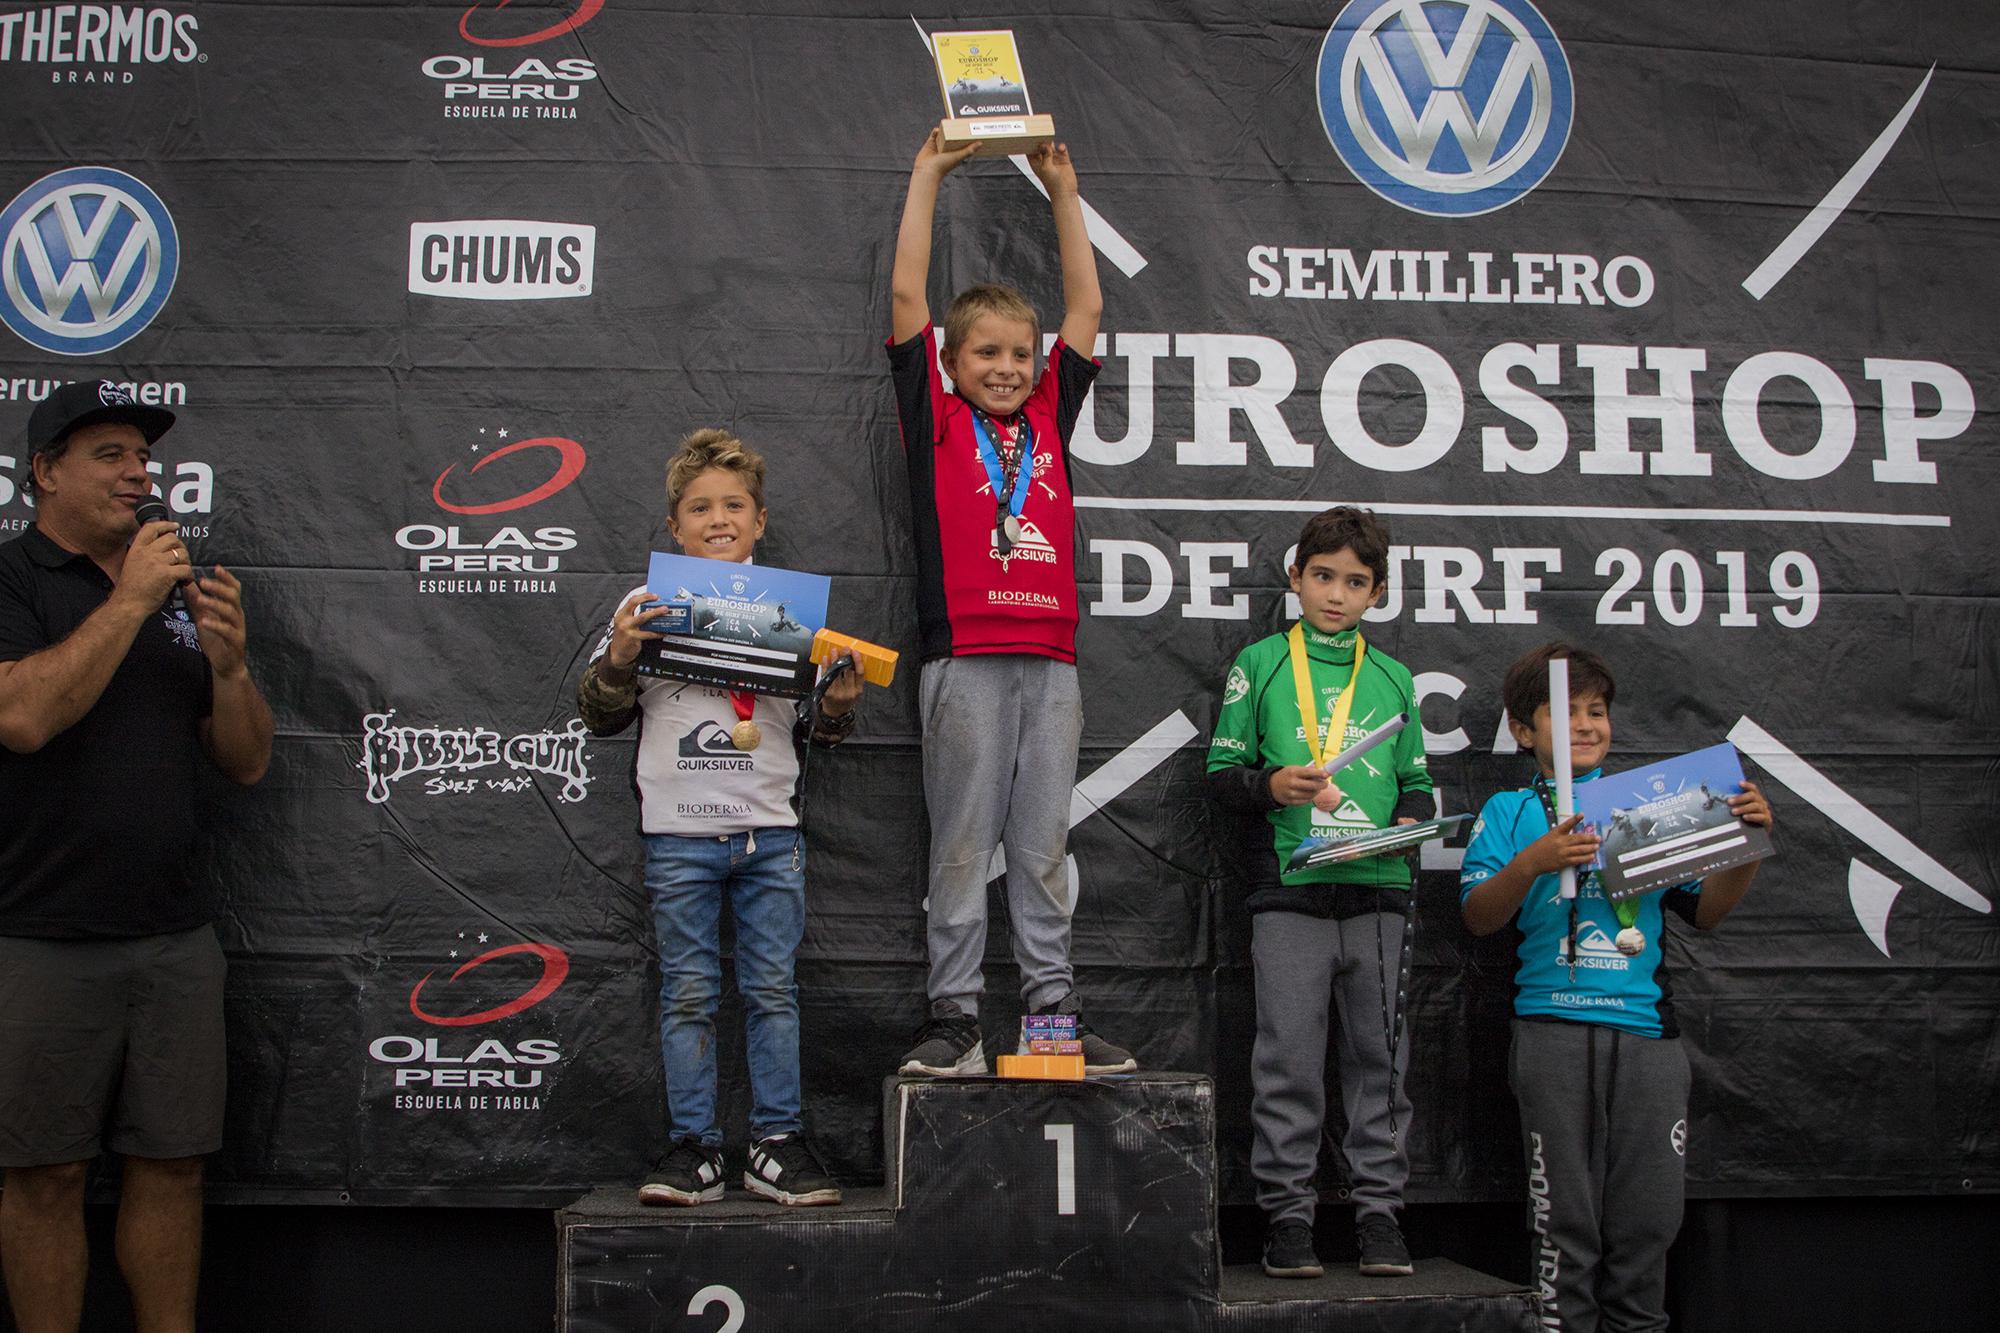 Barranquito coronó a los nuevos campeones del Semillero Euroshop de Surf 2019